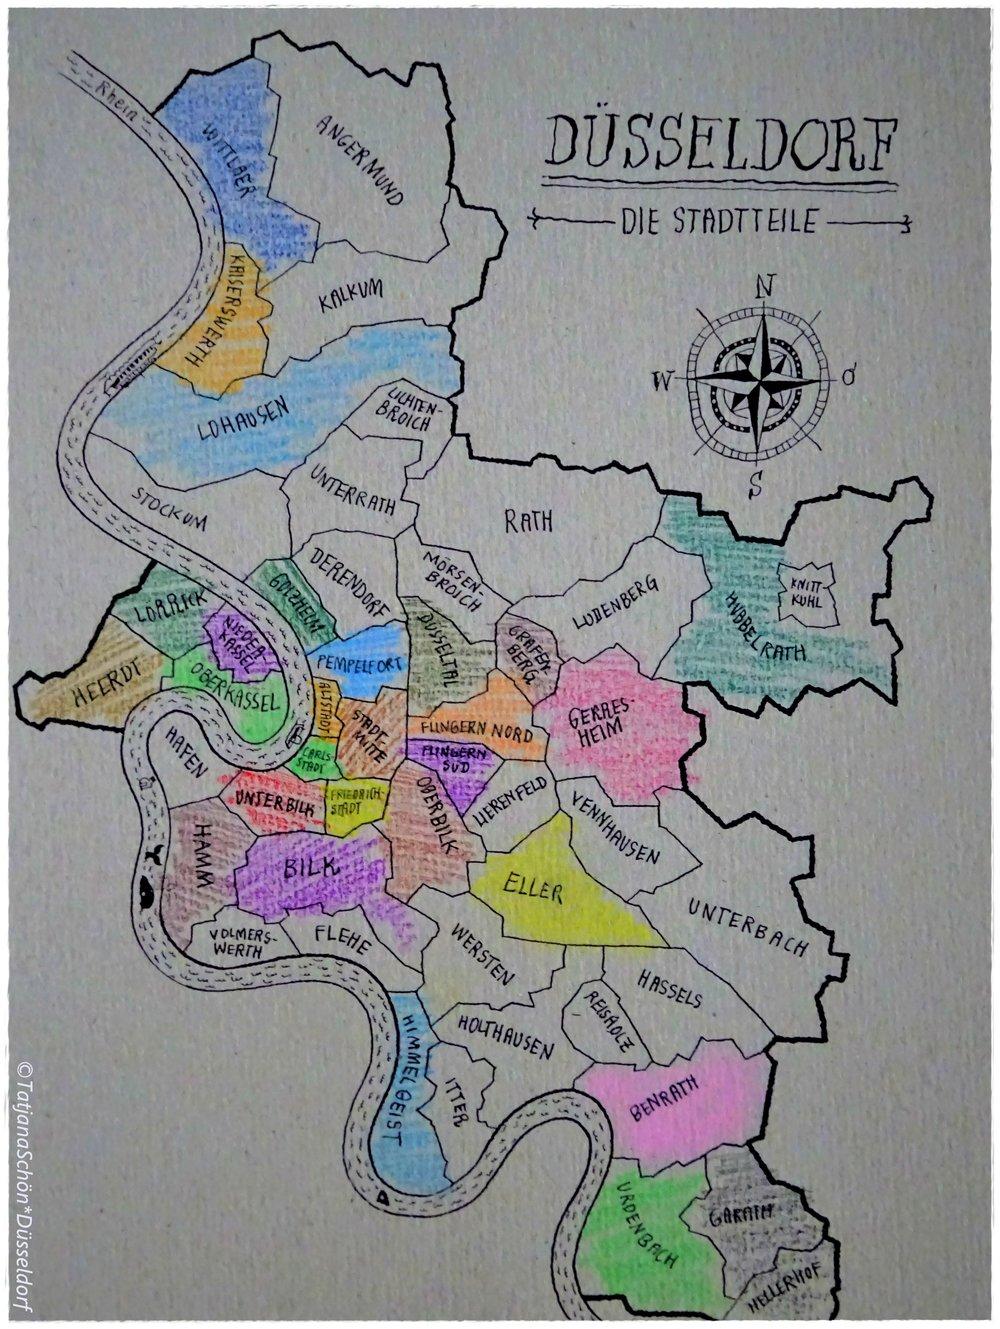 """Незакрашенными на плане Дюссельдорфа оставлены (""""на потом"""") те районы города, в которых я ((ещё)) не проводила экскурсий."""